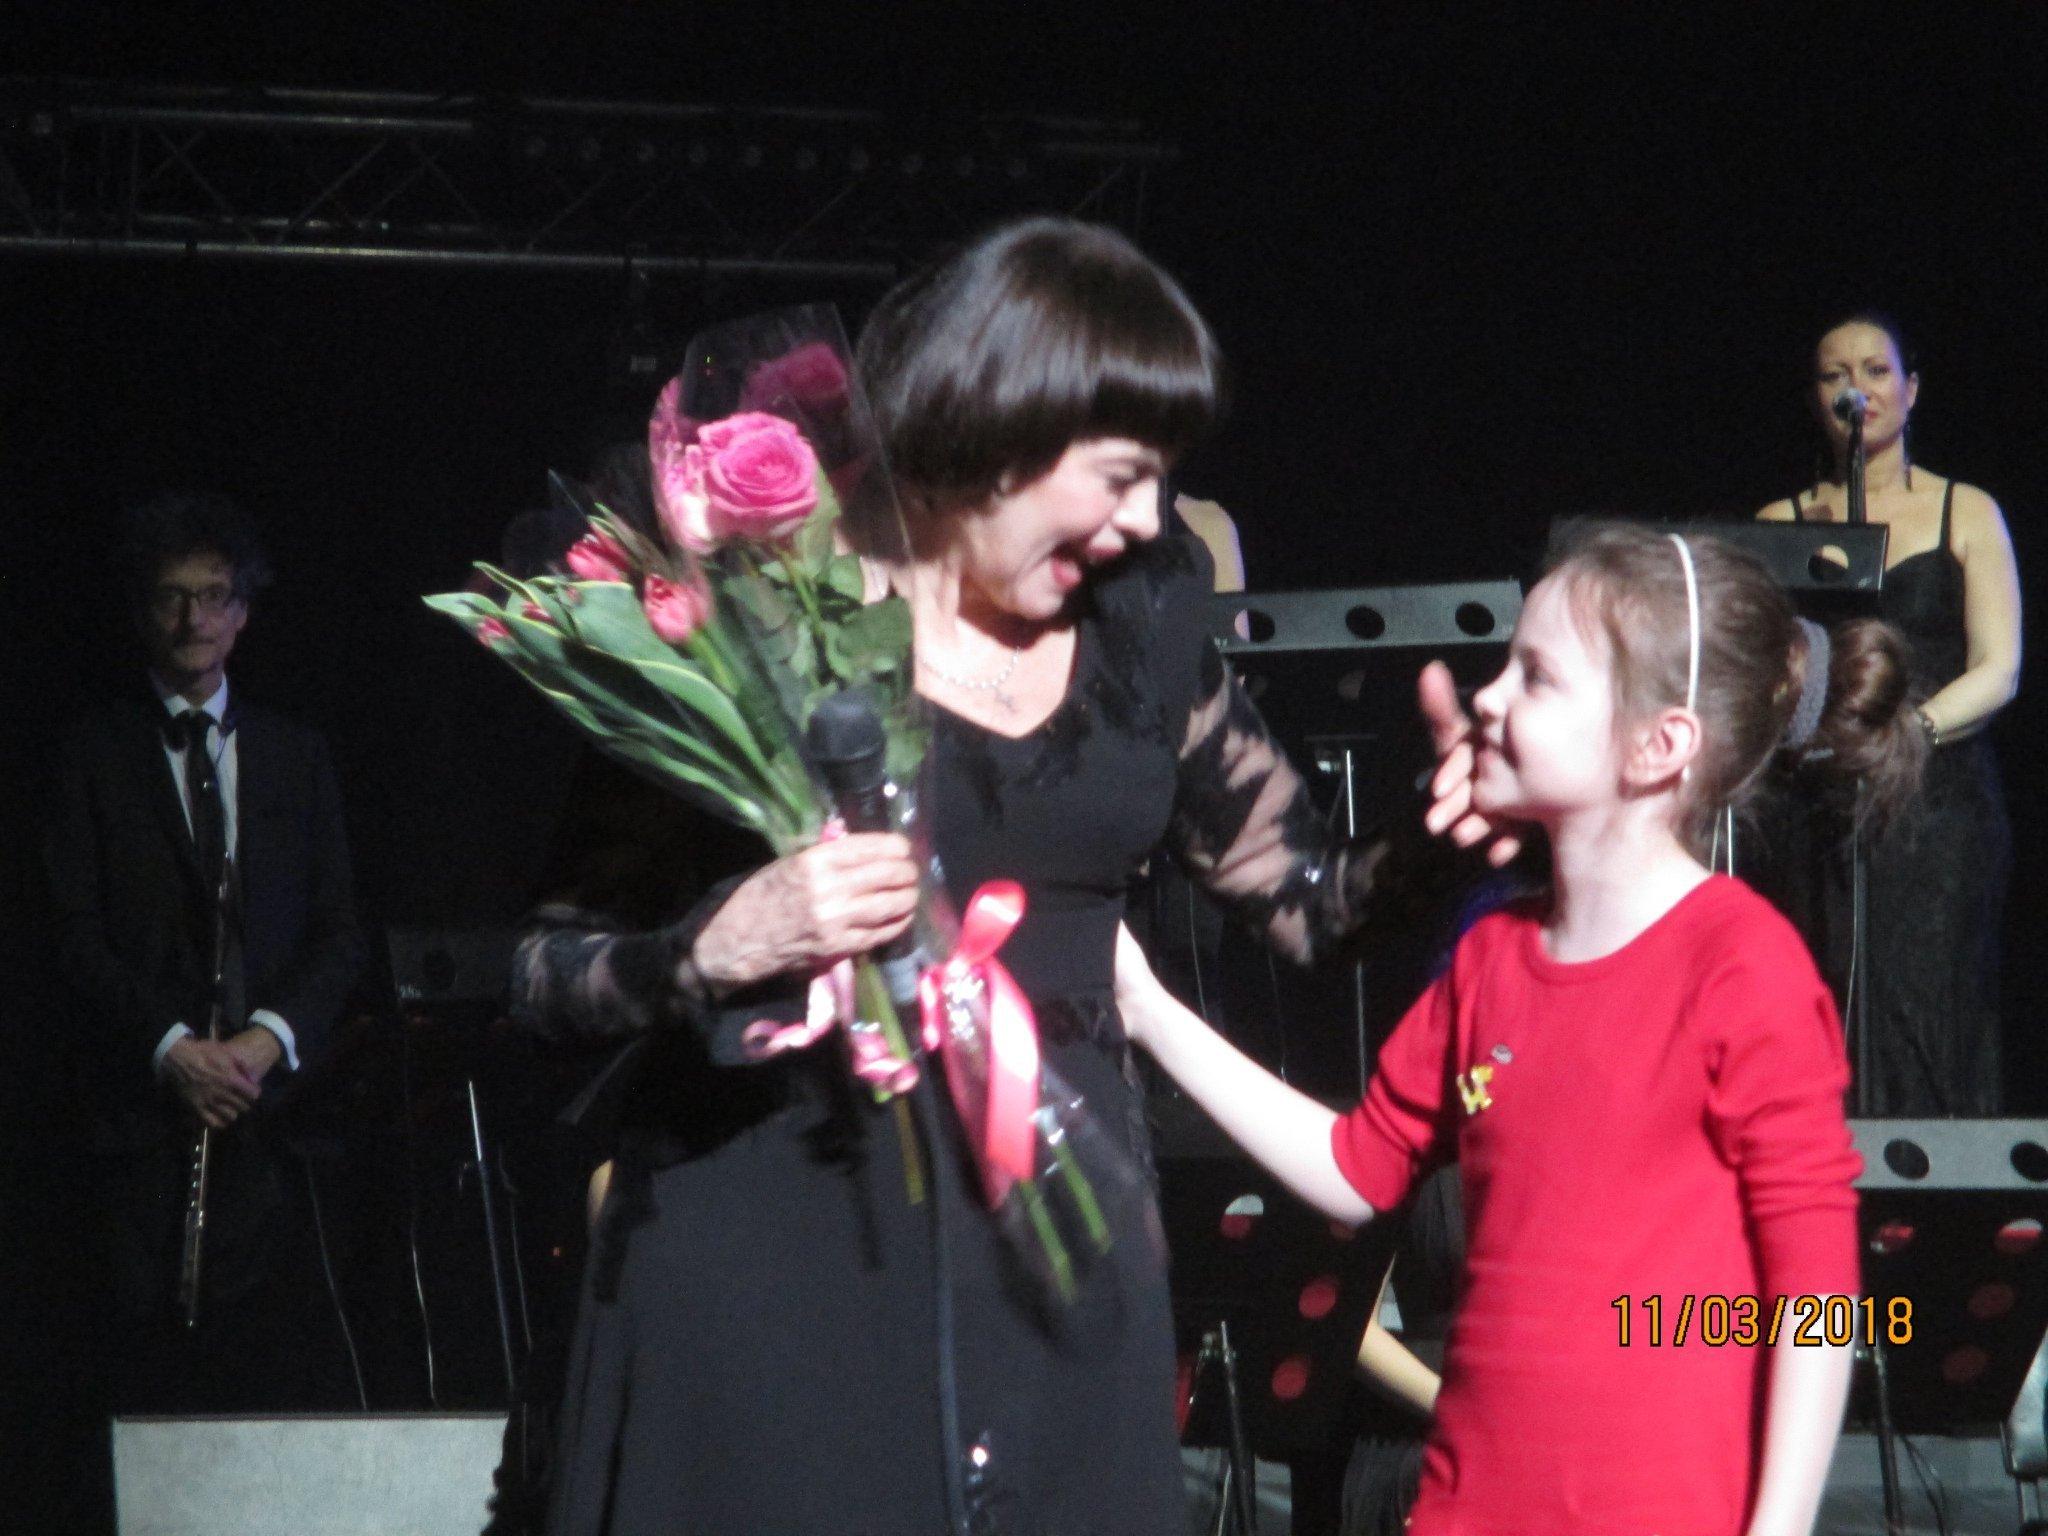 Le concert de Mireille Mathieu au Palais du Kremlin, Moscou